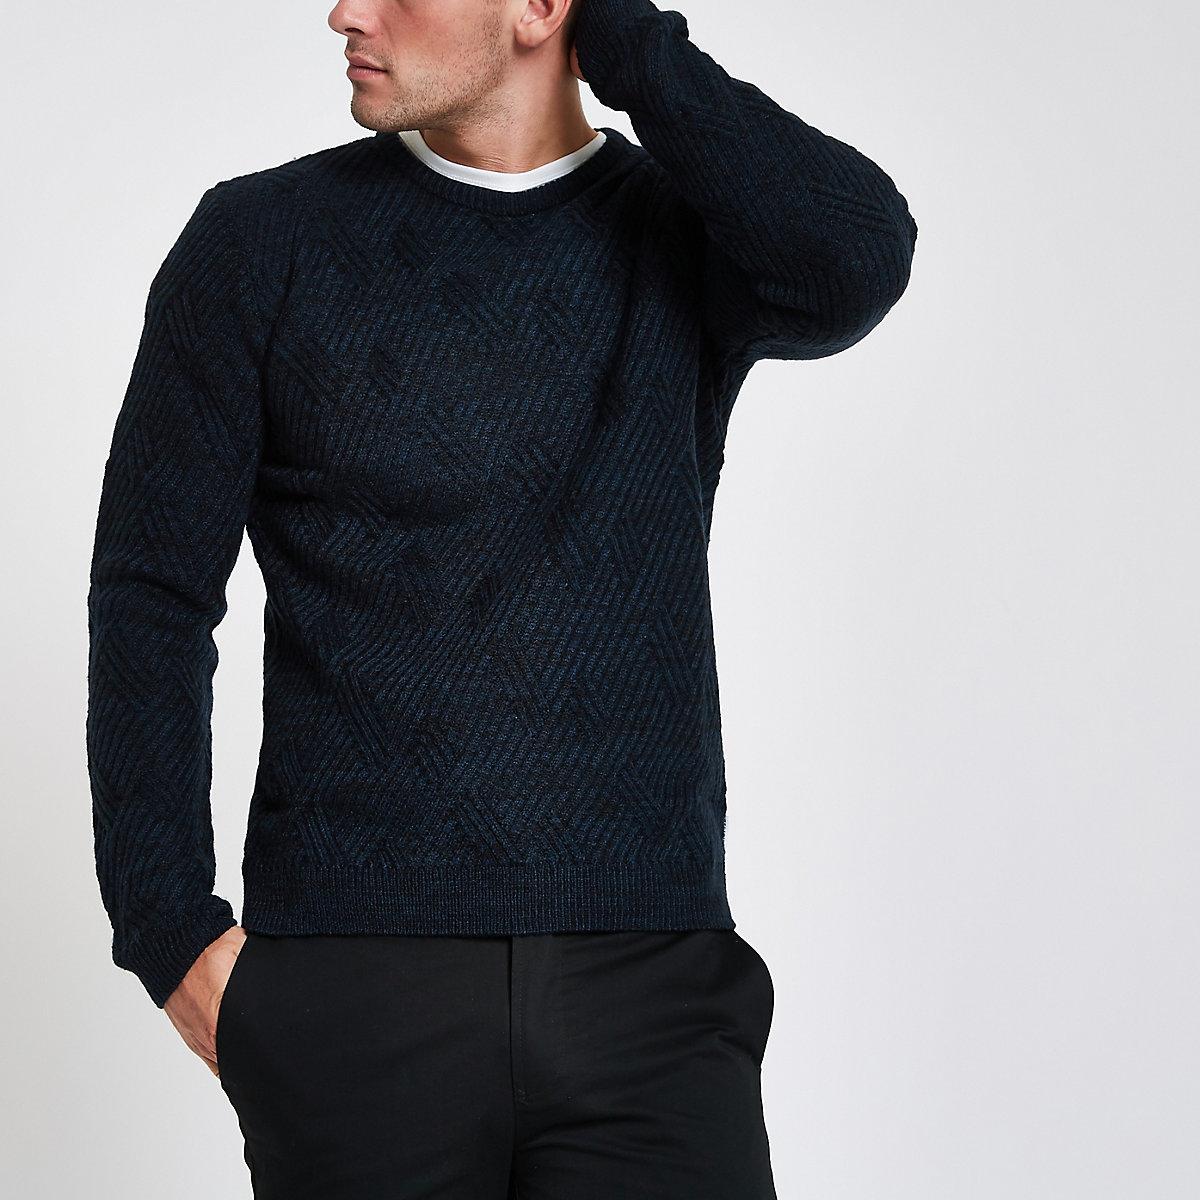 Bellfield – Marineblauer, strukturierter Pullover mit Rundhalsausschnitt